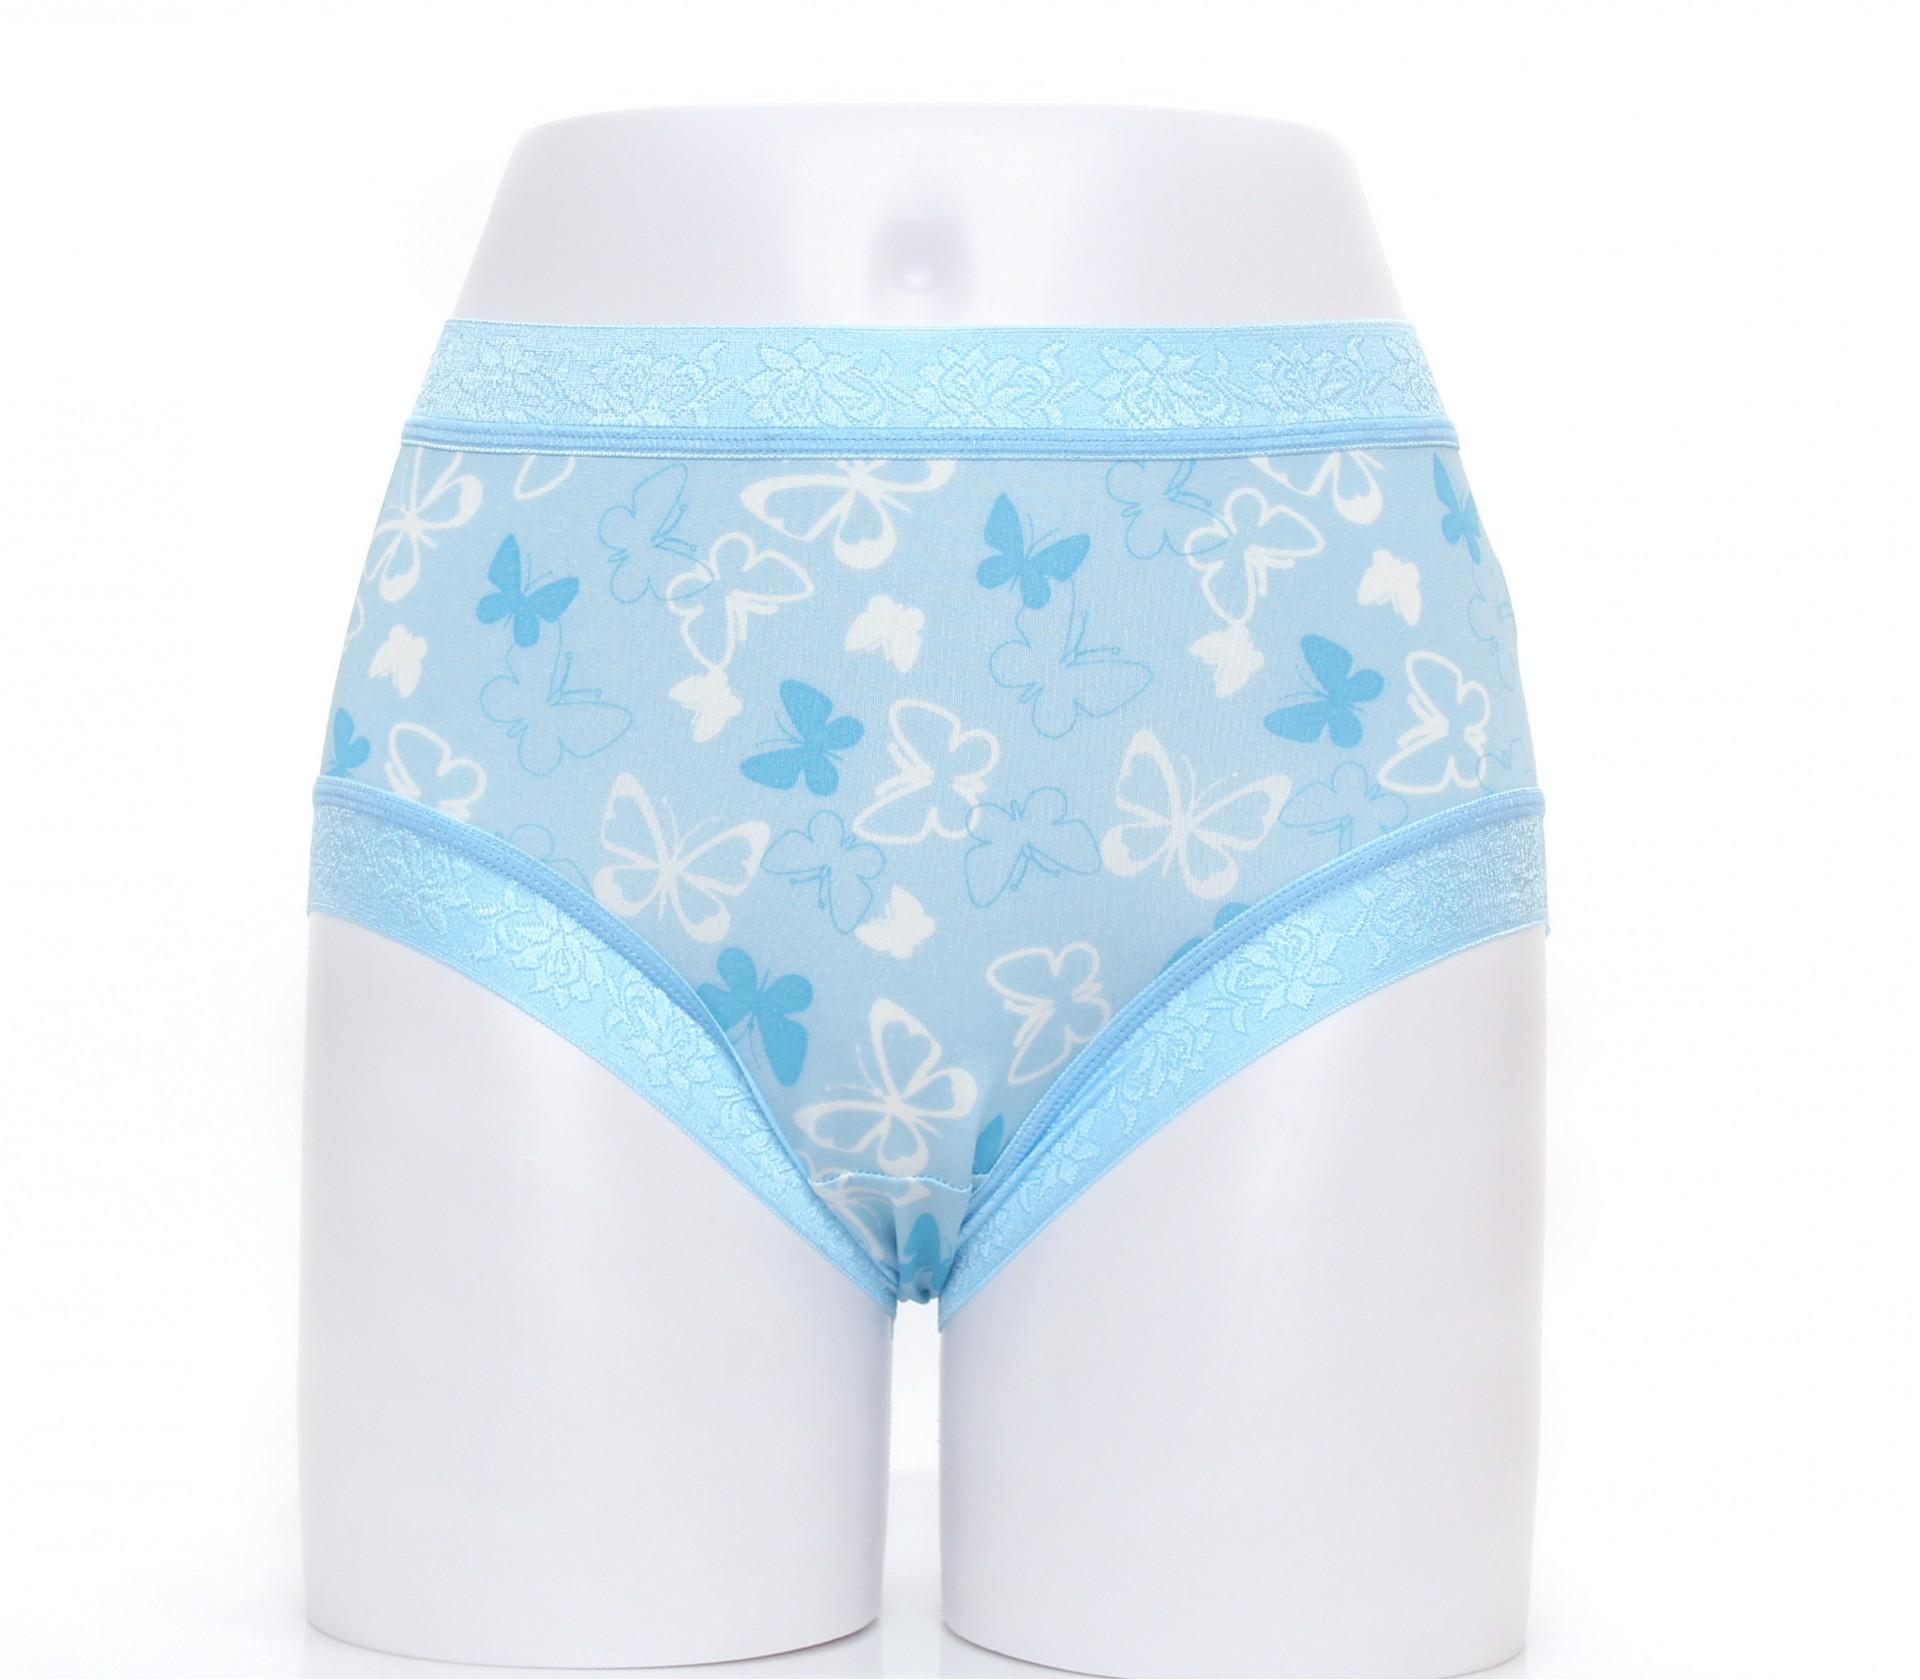 闕蘭絹舒適無痕100%蠶絲內褲-88902(印花藍)